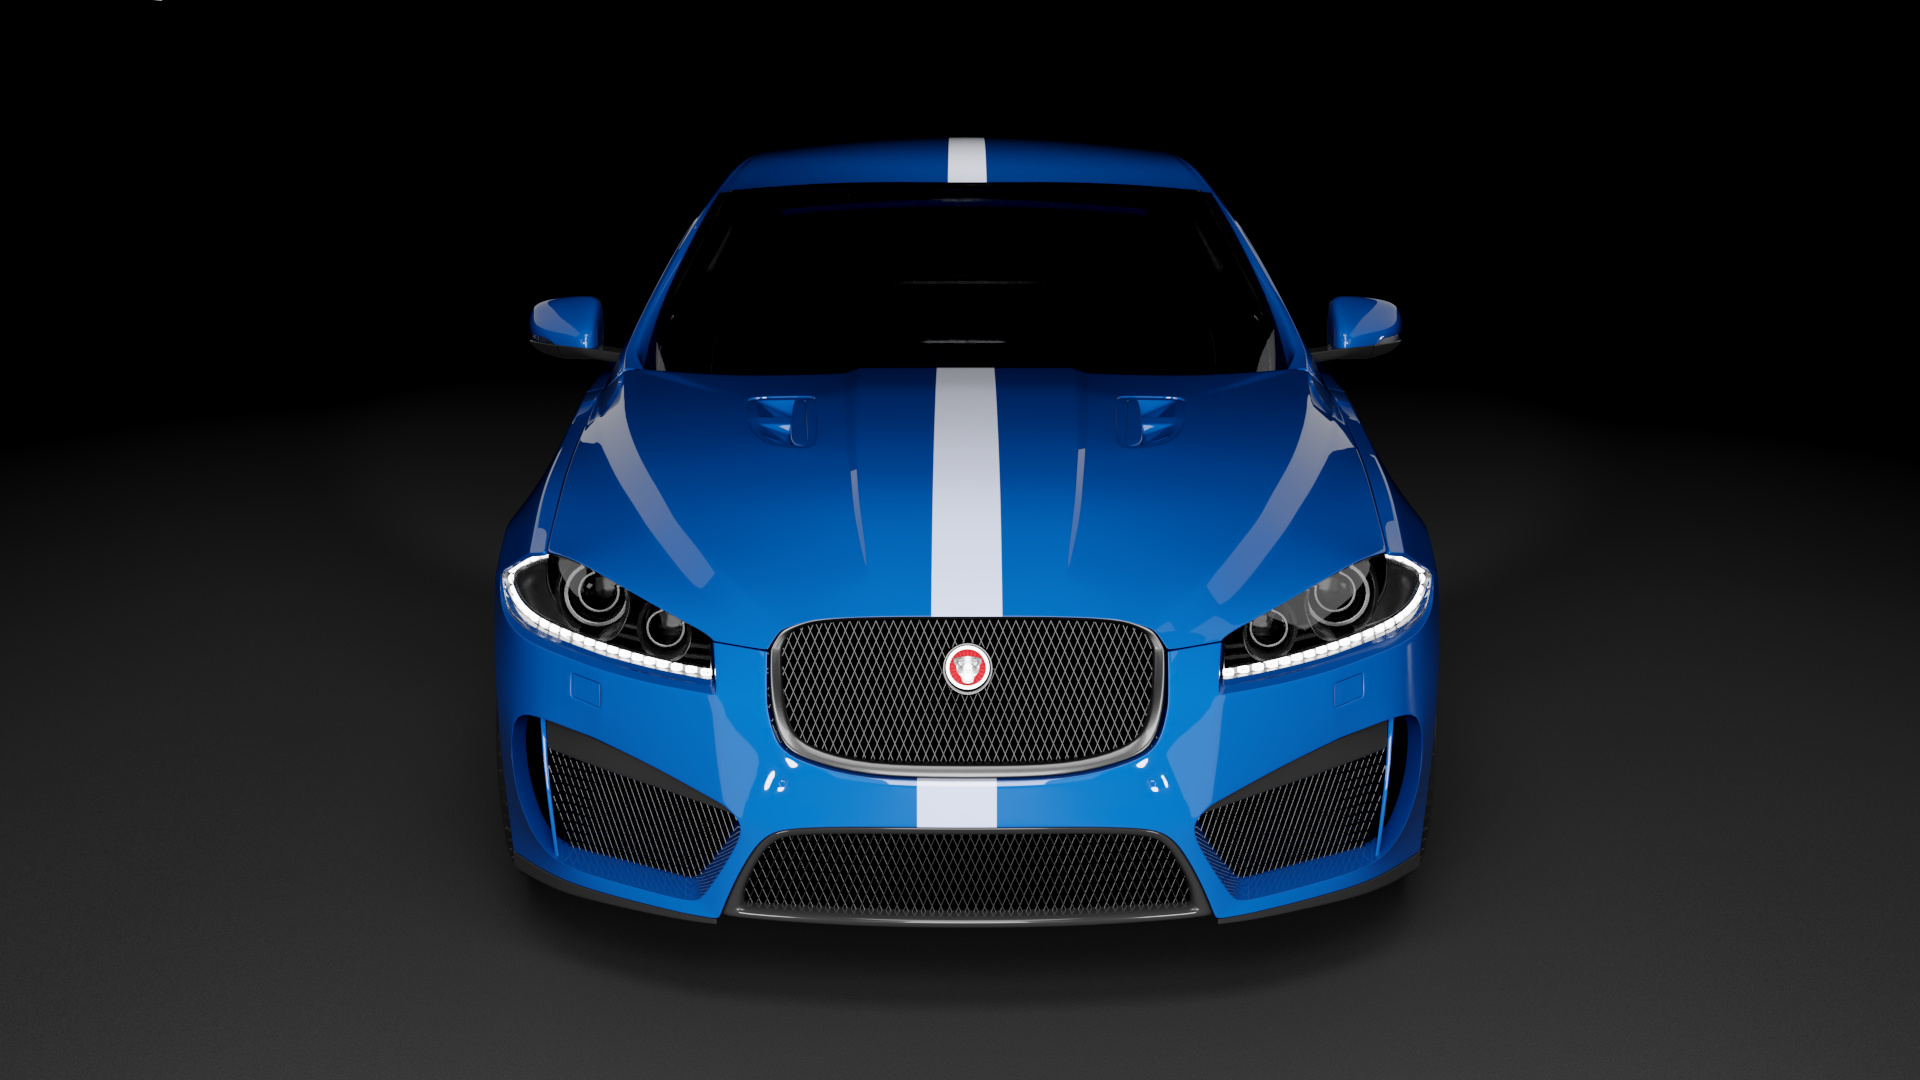 Lighting Of A Jaguar Xfrs Focused Critiques Blender Artists